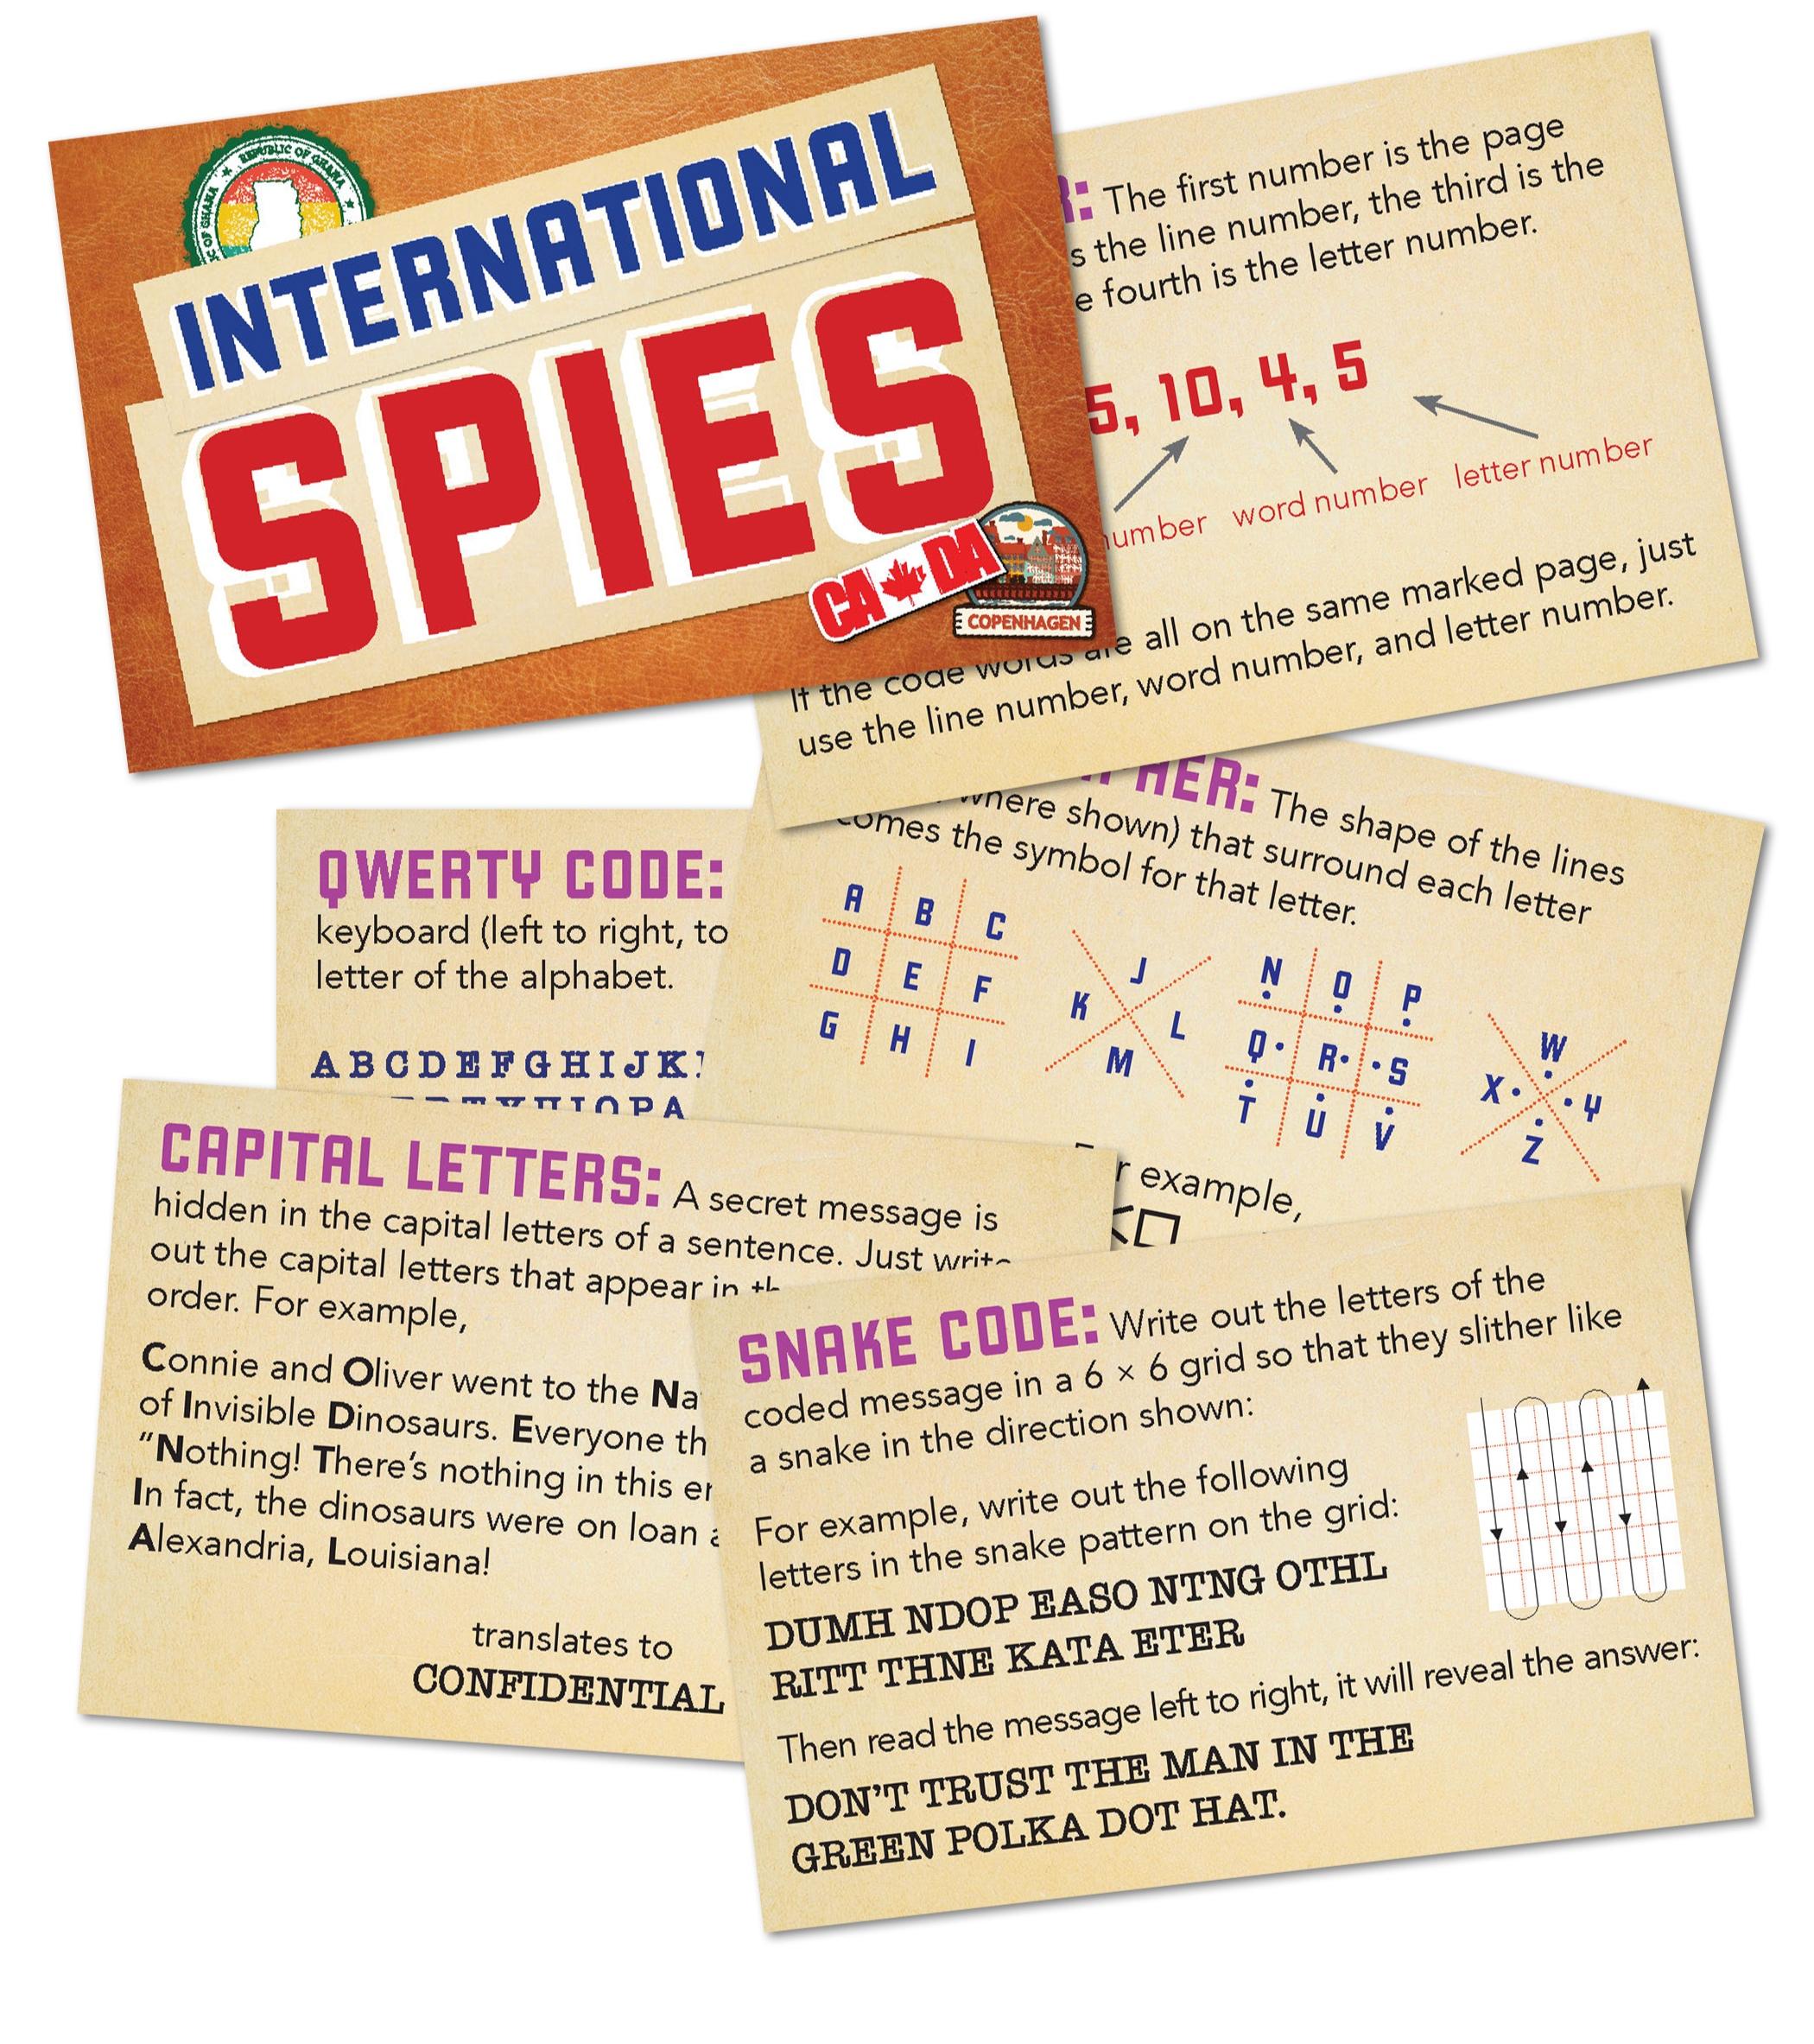 Spy+cards.jpg